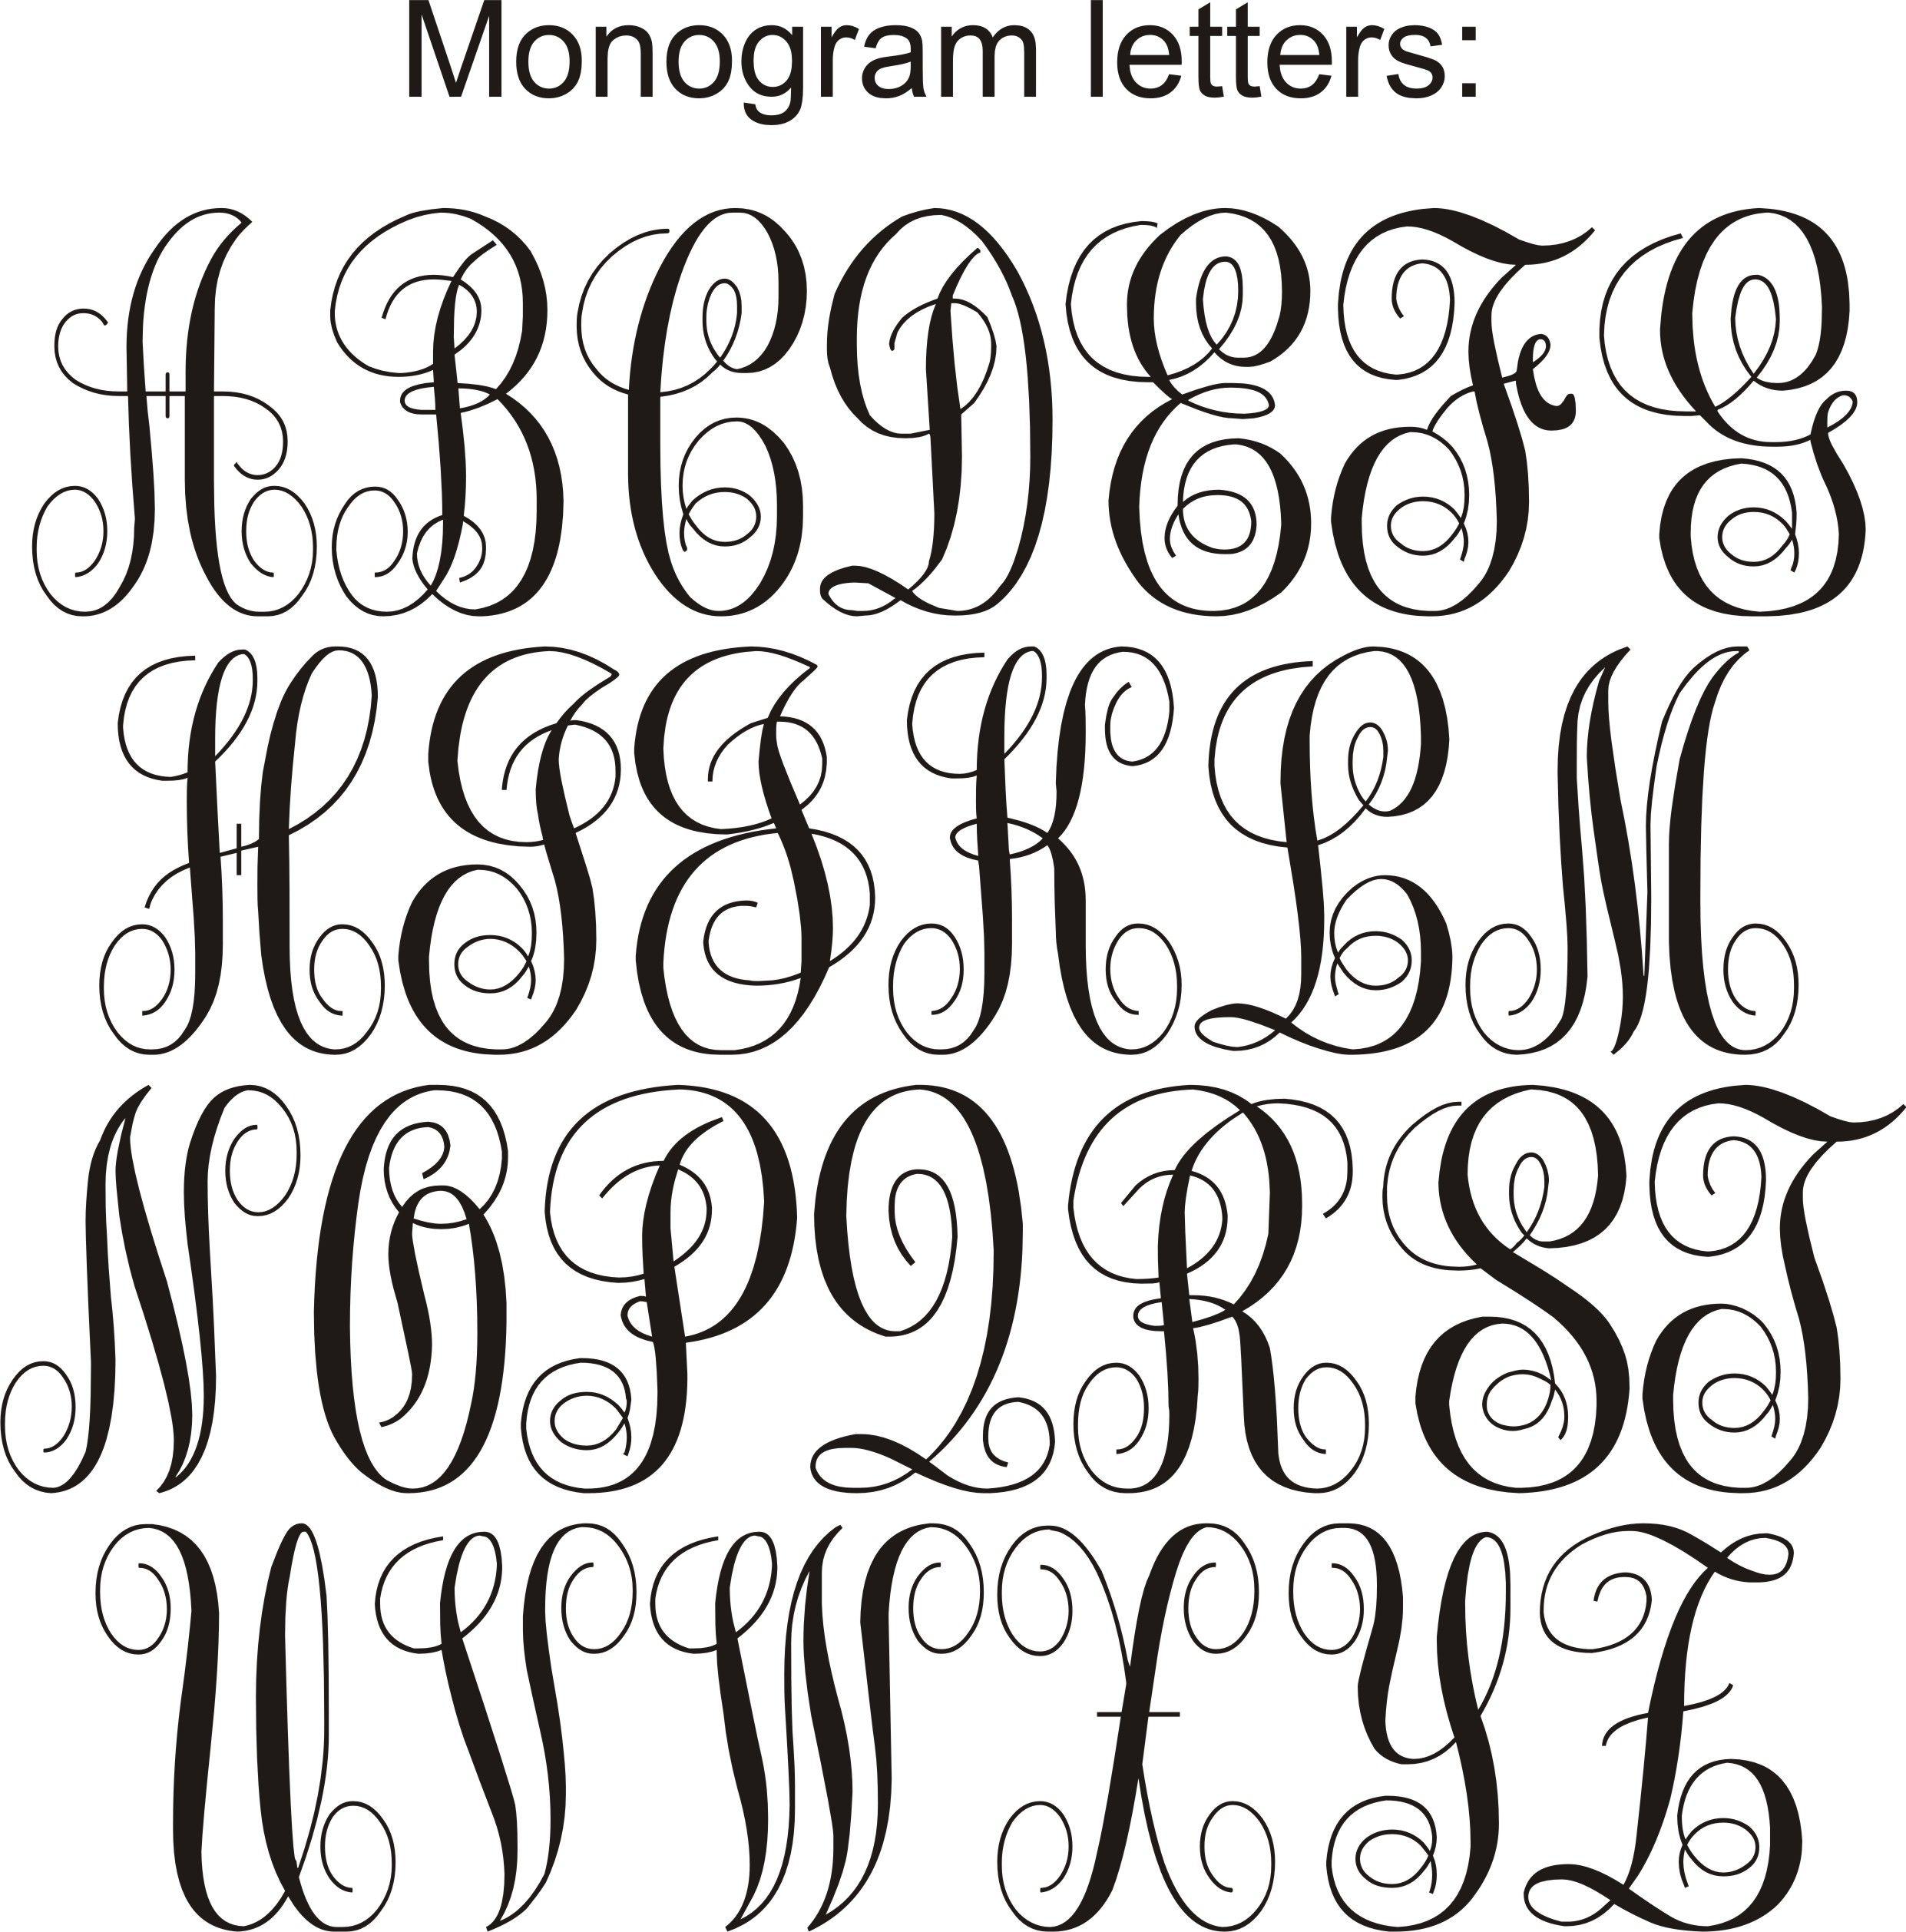 Monogram Fonts Alphabet Clipart.